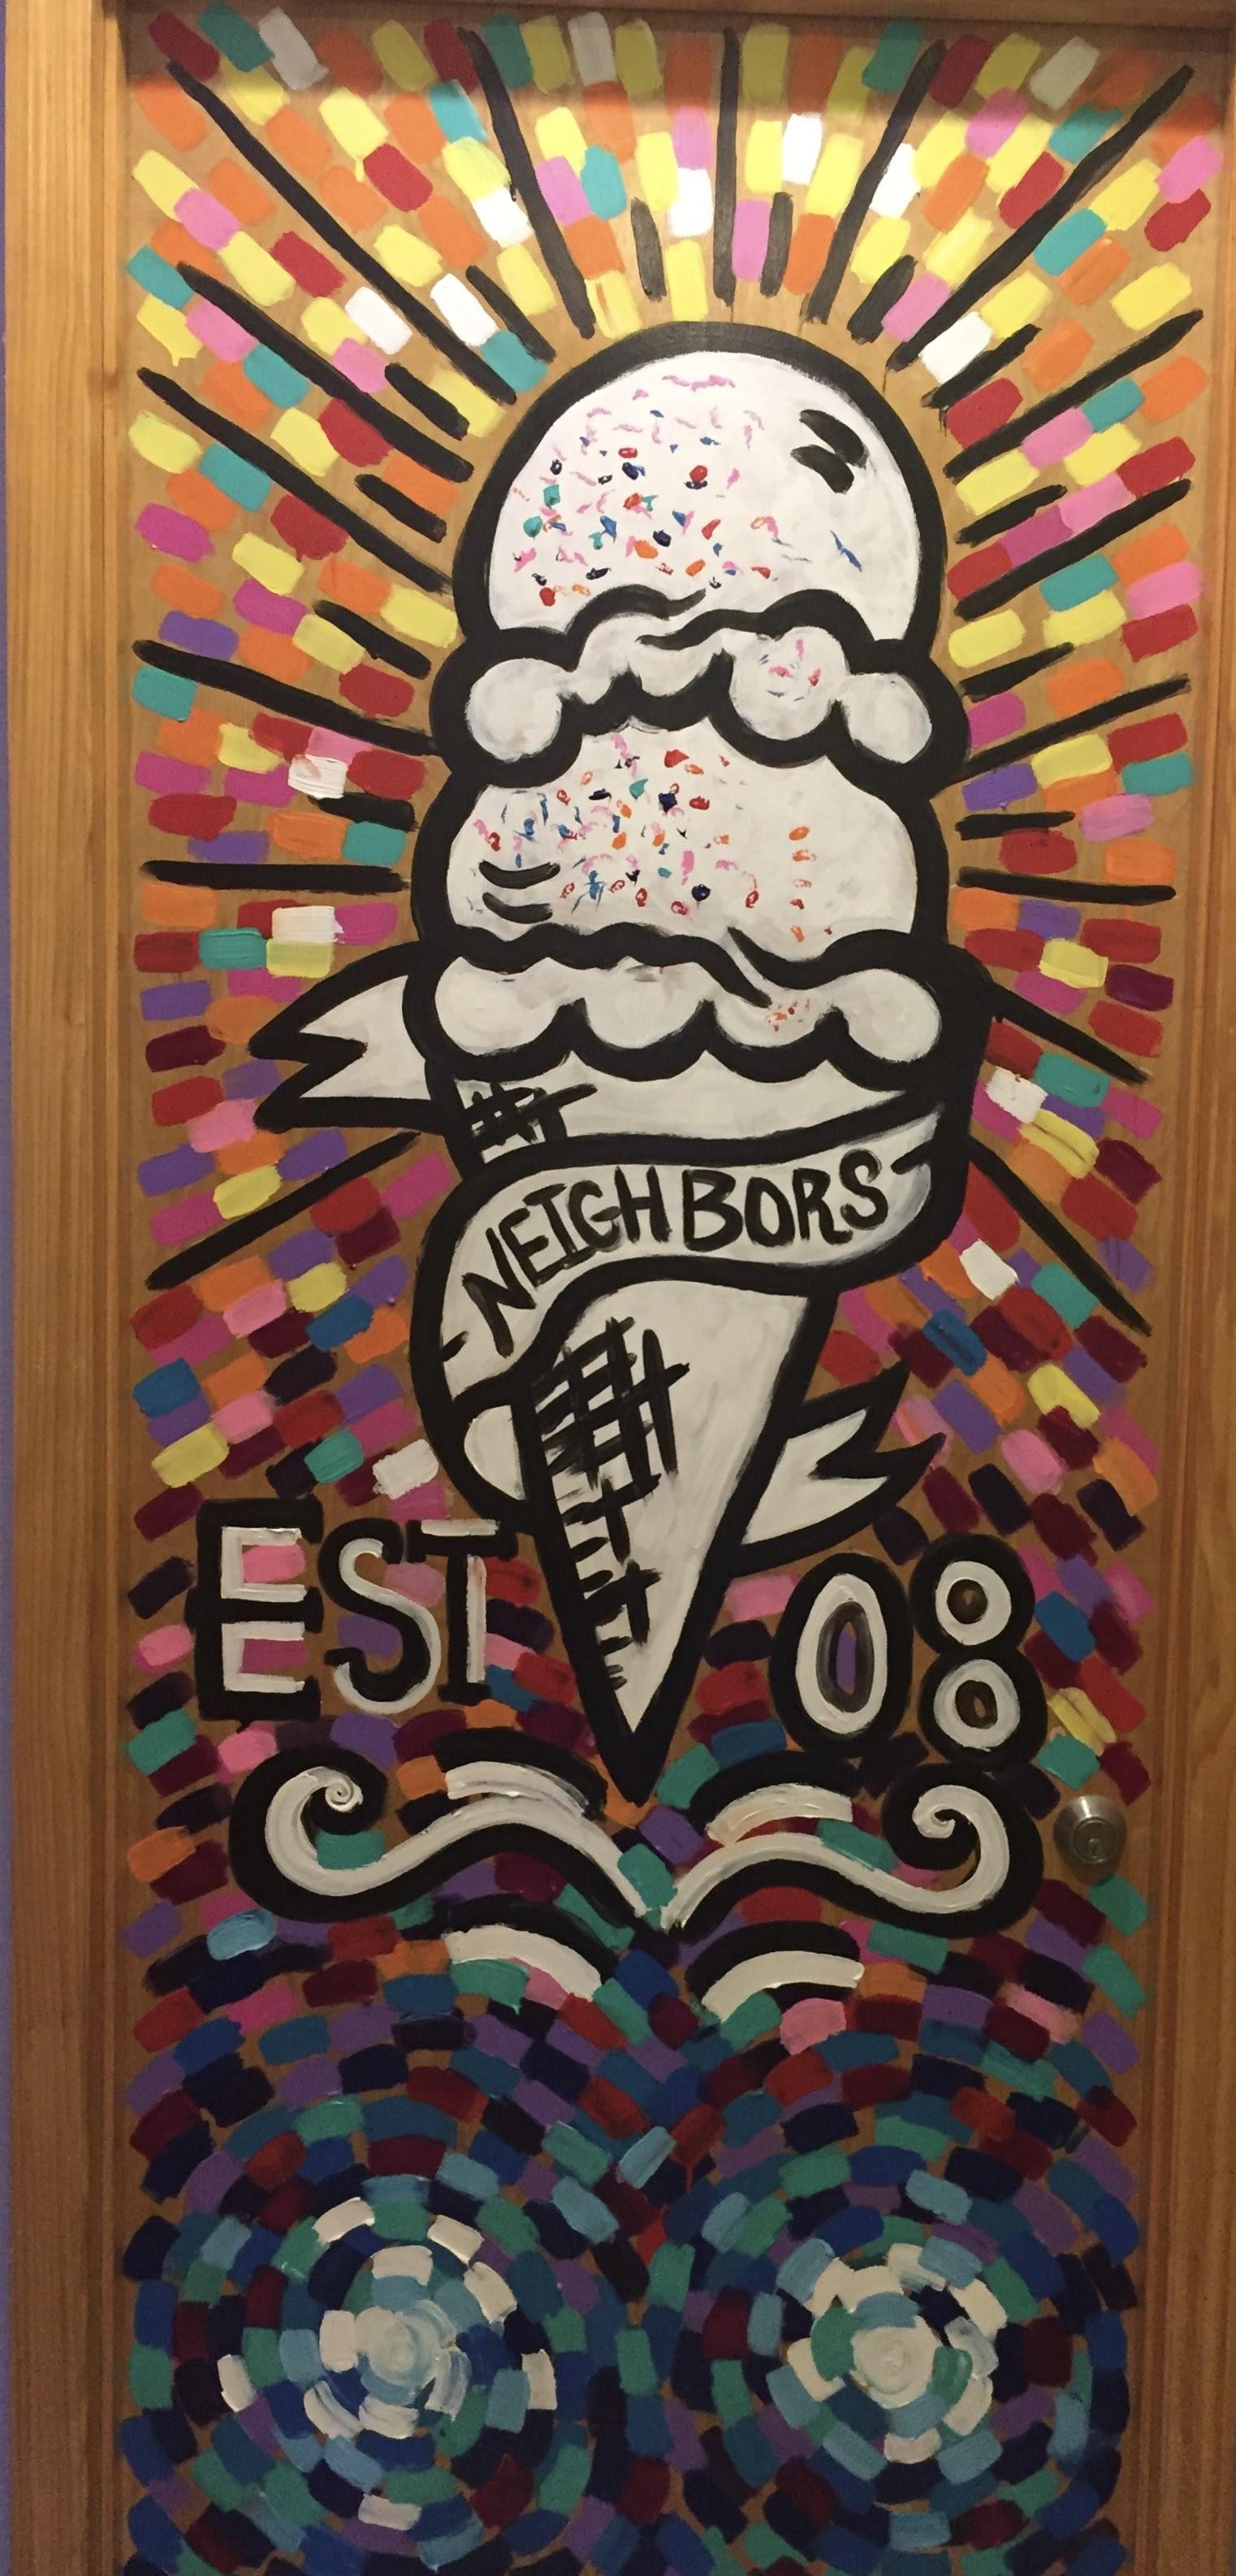 neighbors_ice_cream_art.jpg